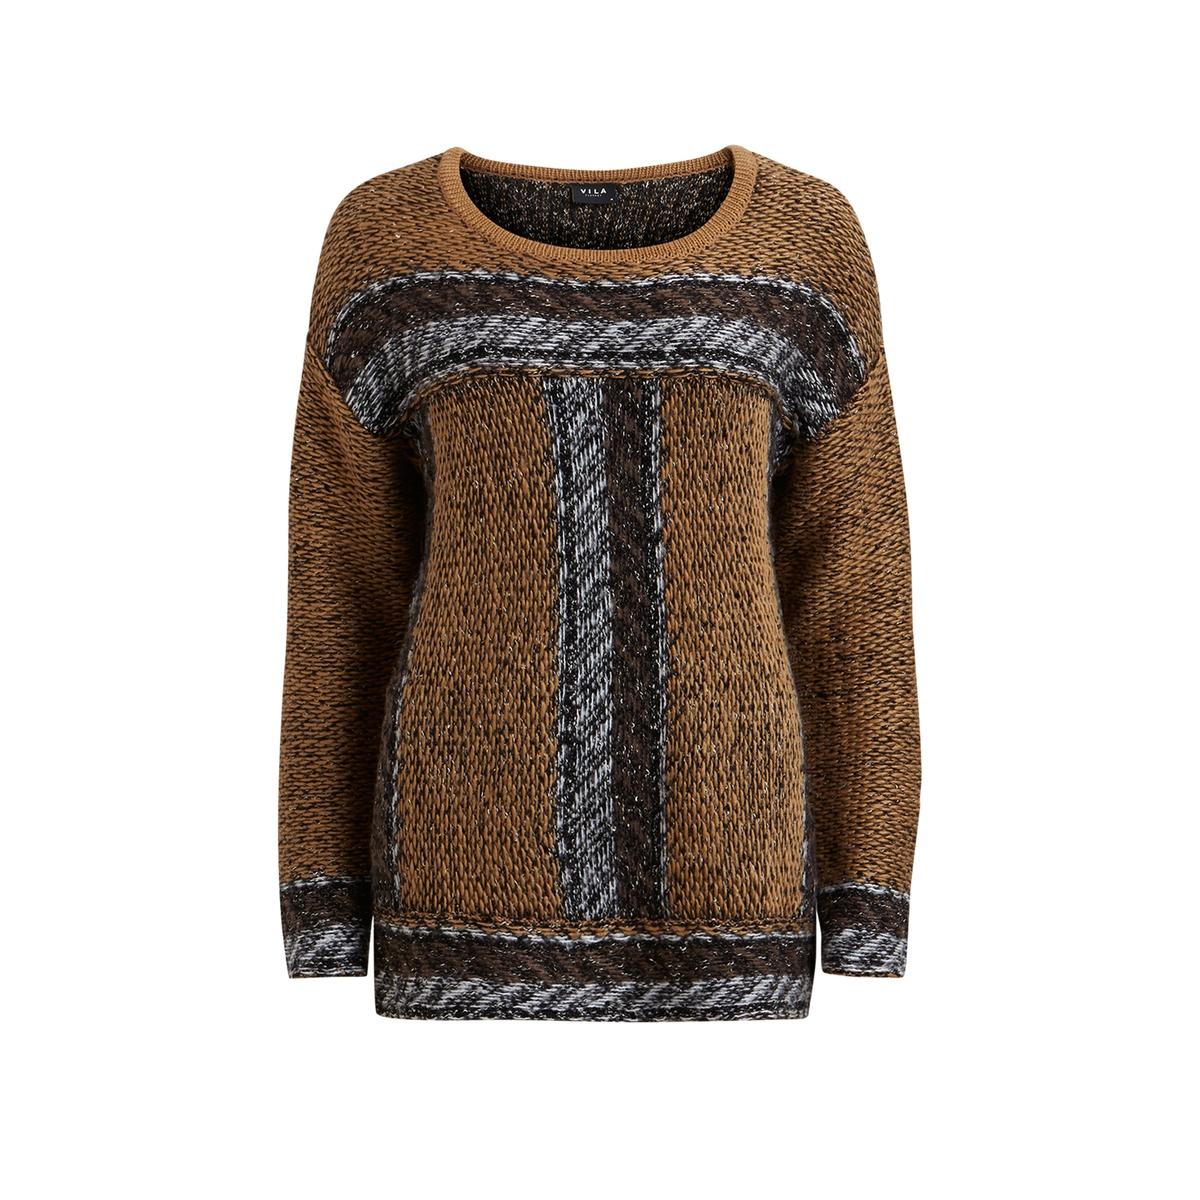 Пуловер VIMOUNTAIN KNIT TOPСостав и описание :Материал : 37% акрила, 30% шерсти, 20% хлопка, 13% полиэстера Марка : VILA.<br><br>Цвет: ореховый<br>Размер: L